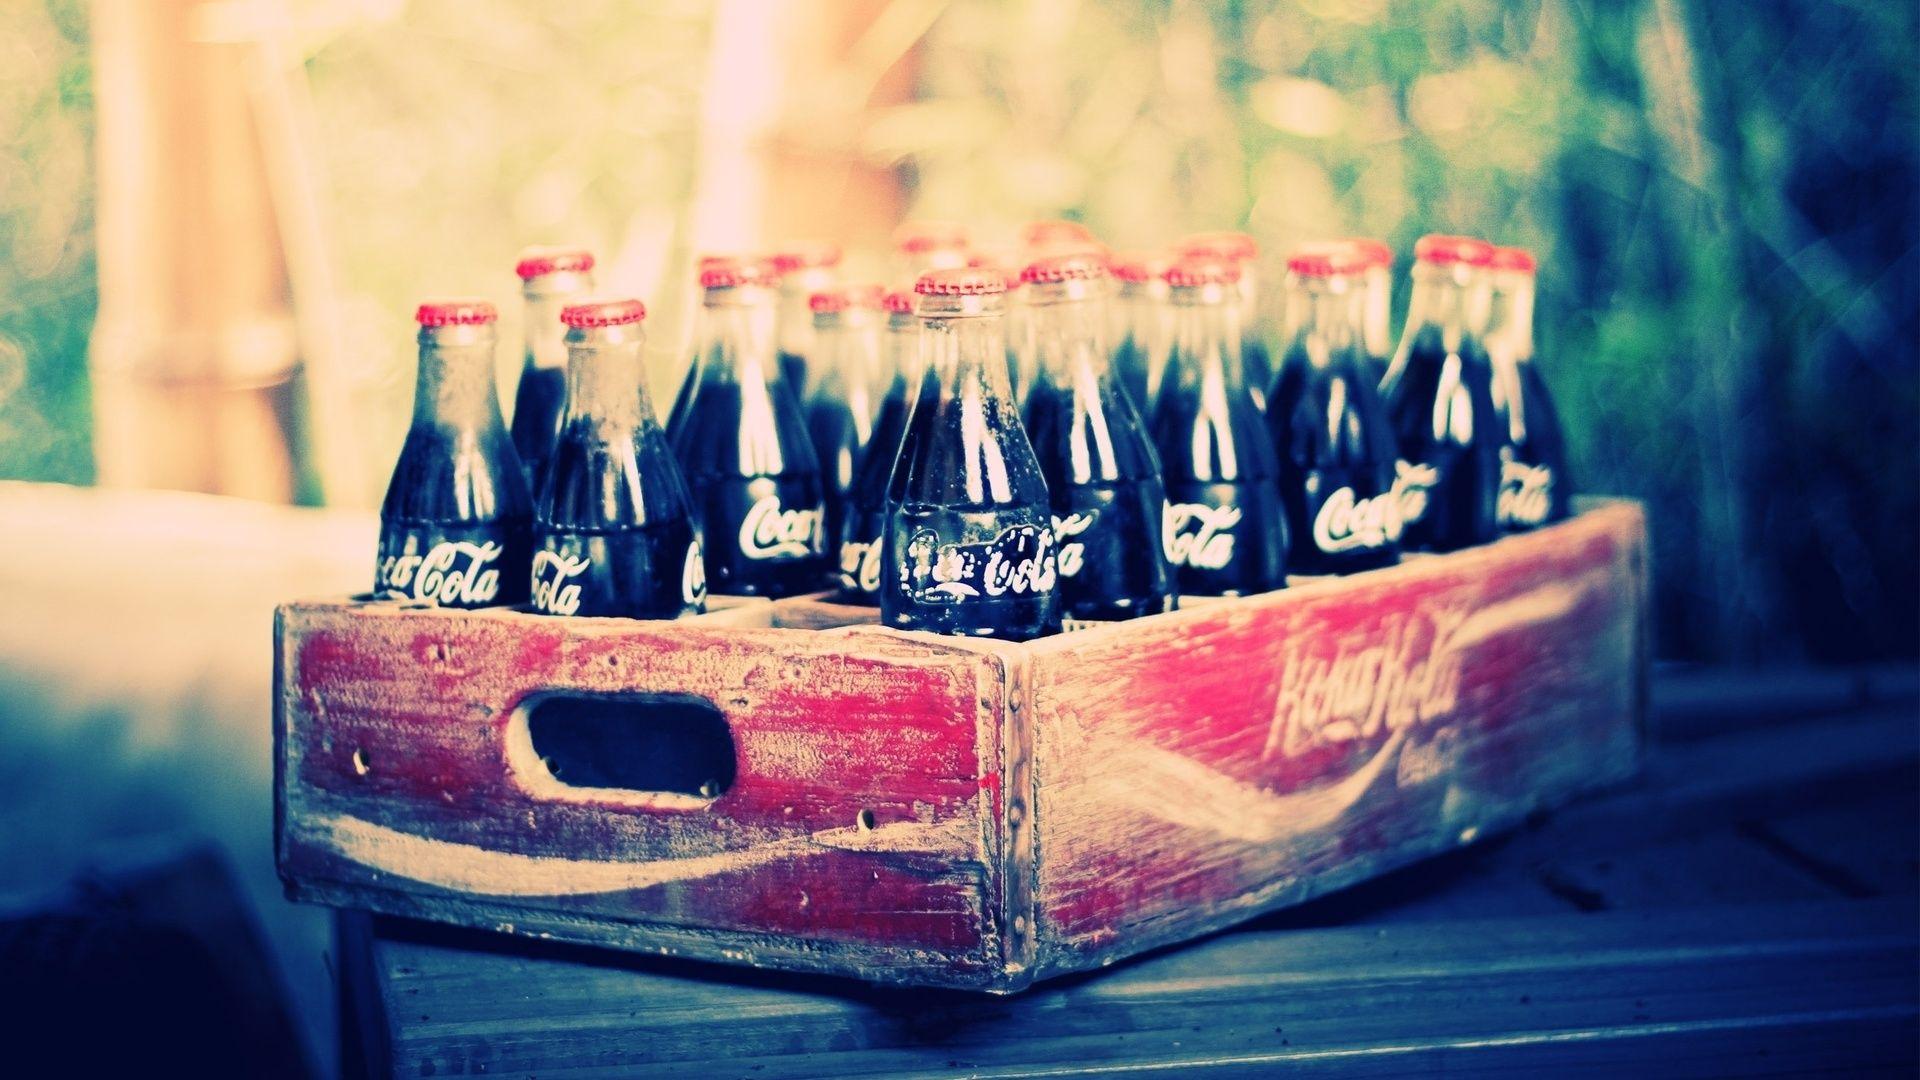 Coca Cola hd wallpaper 1080p for pc